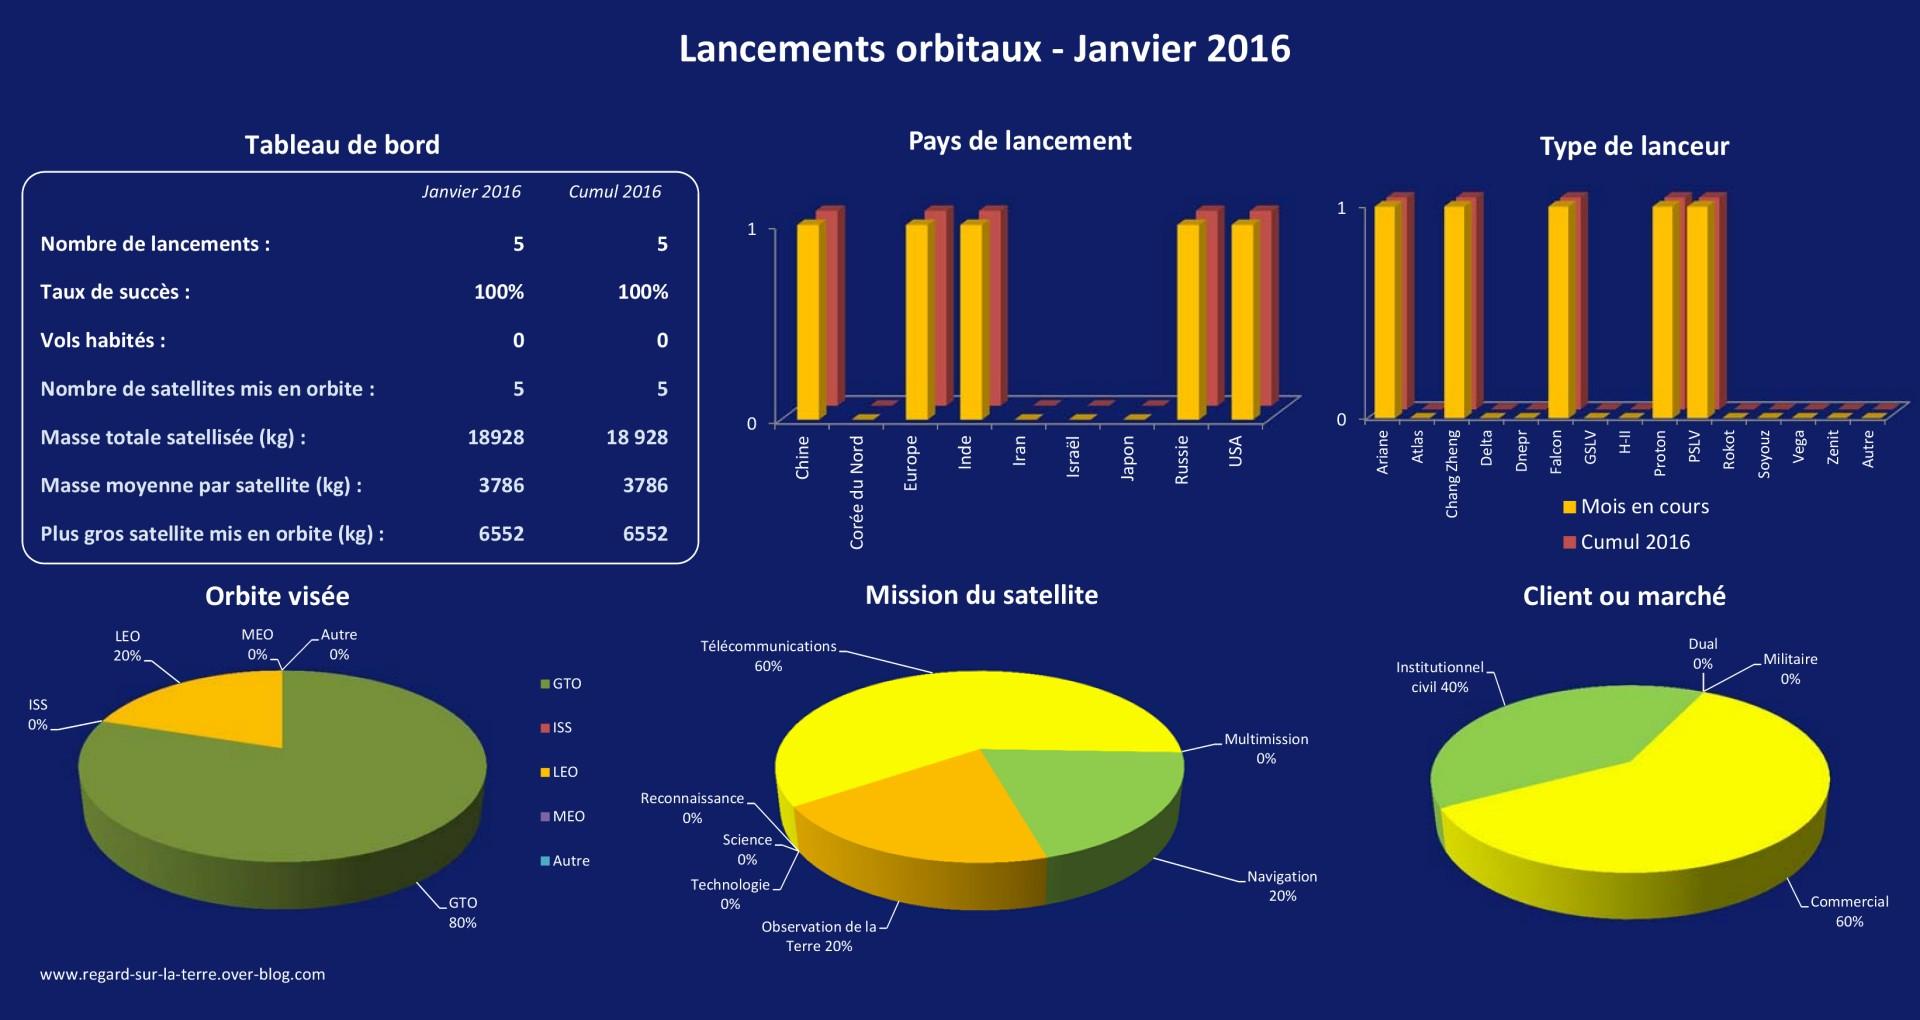 Calendrier spatial - Calendrier des lancements - Launch log - Janvier 2016 - Tableau de bord - fusées - lancements orbitaux